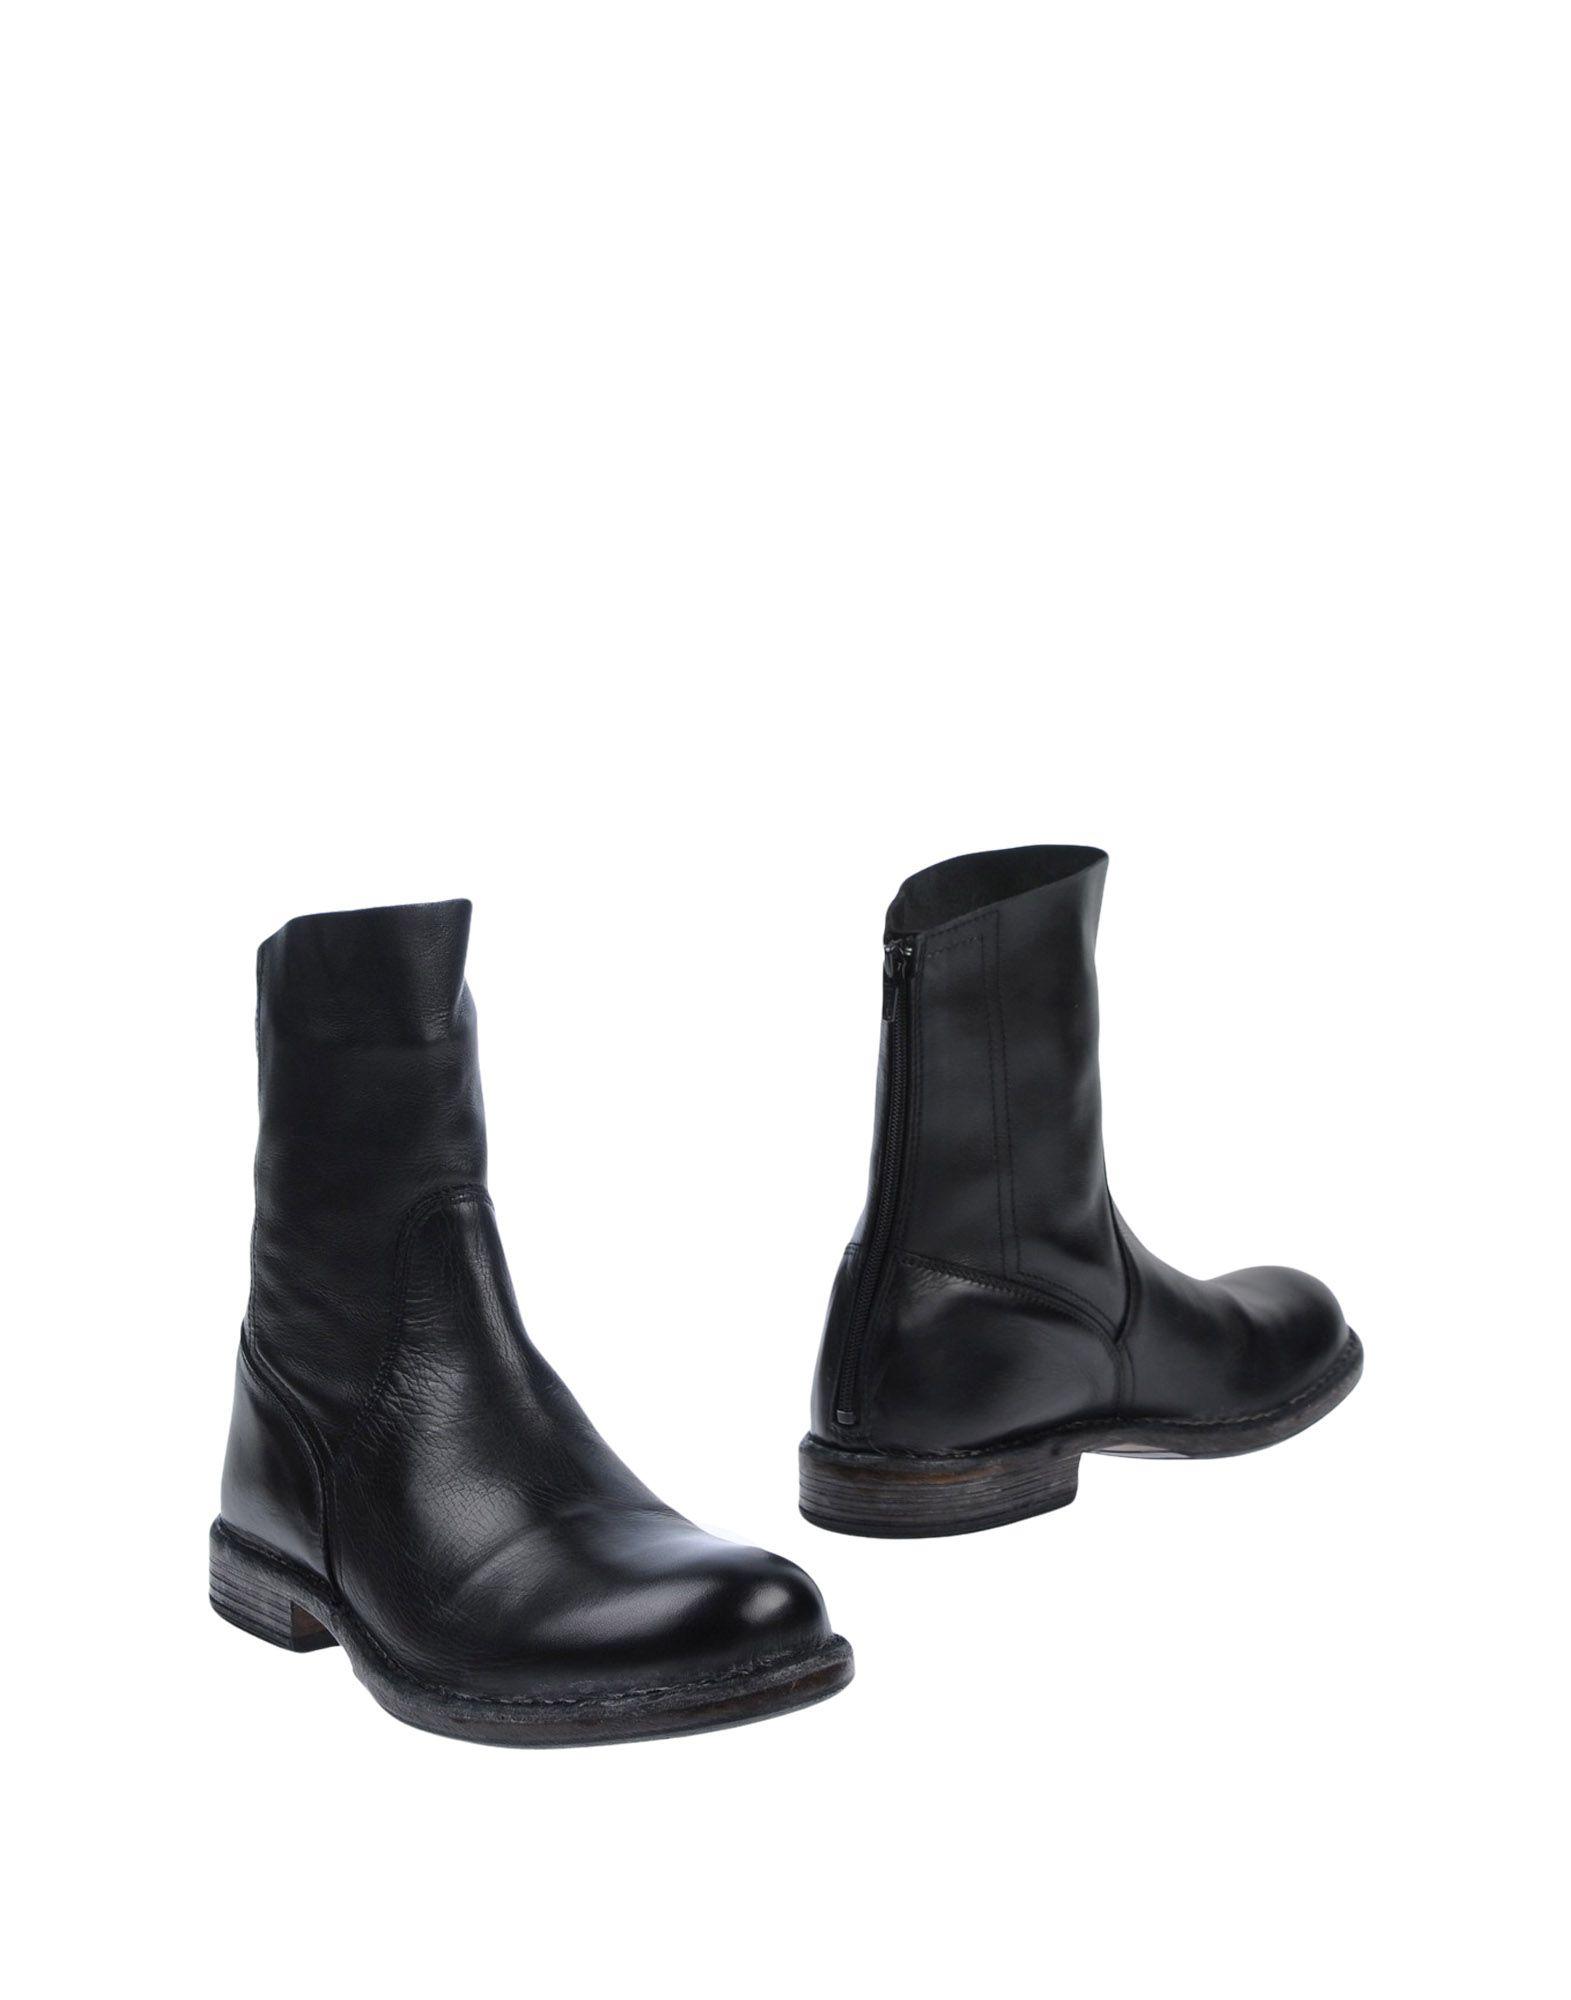 Moma Stiefelette Herren  11508685EI Gute Qualität beliebte Schuhe